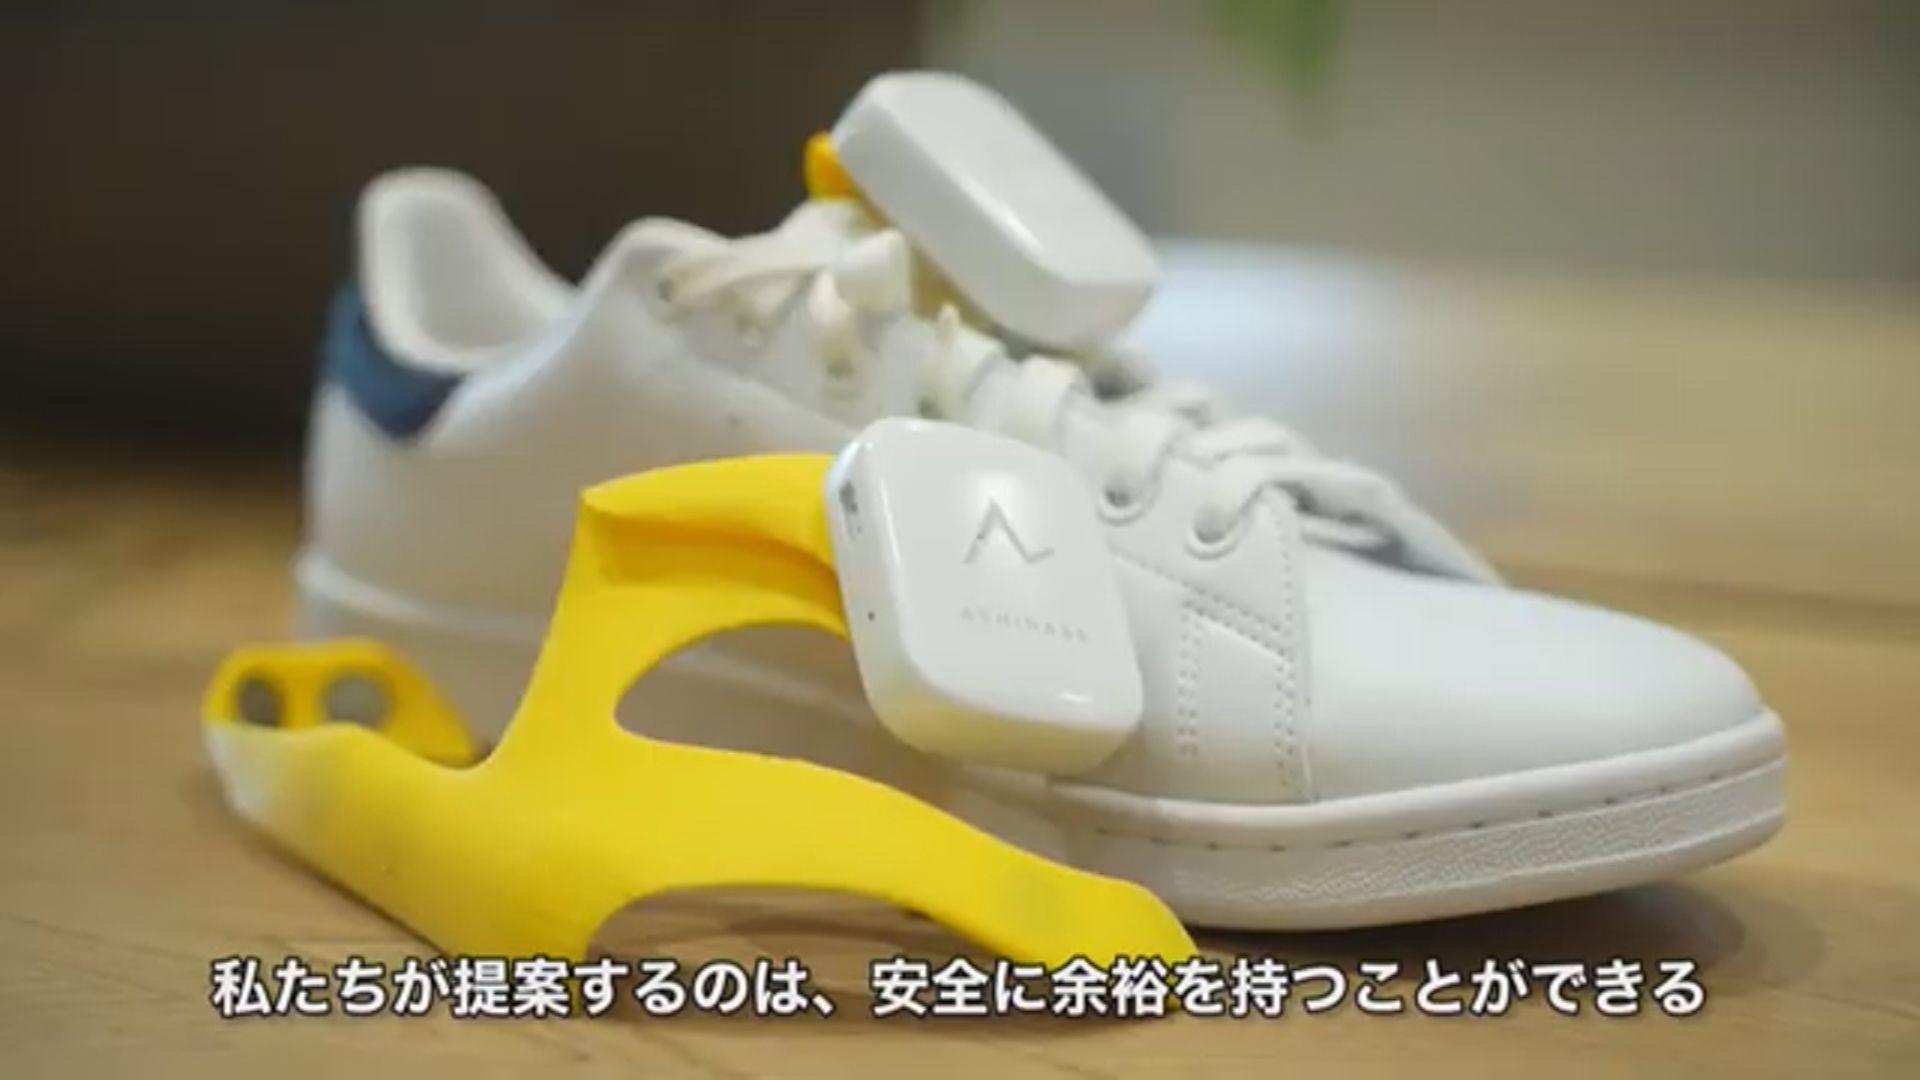 日本公司鞋內導航裝置利用震動助視障人士步行方向